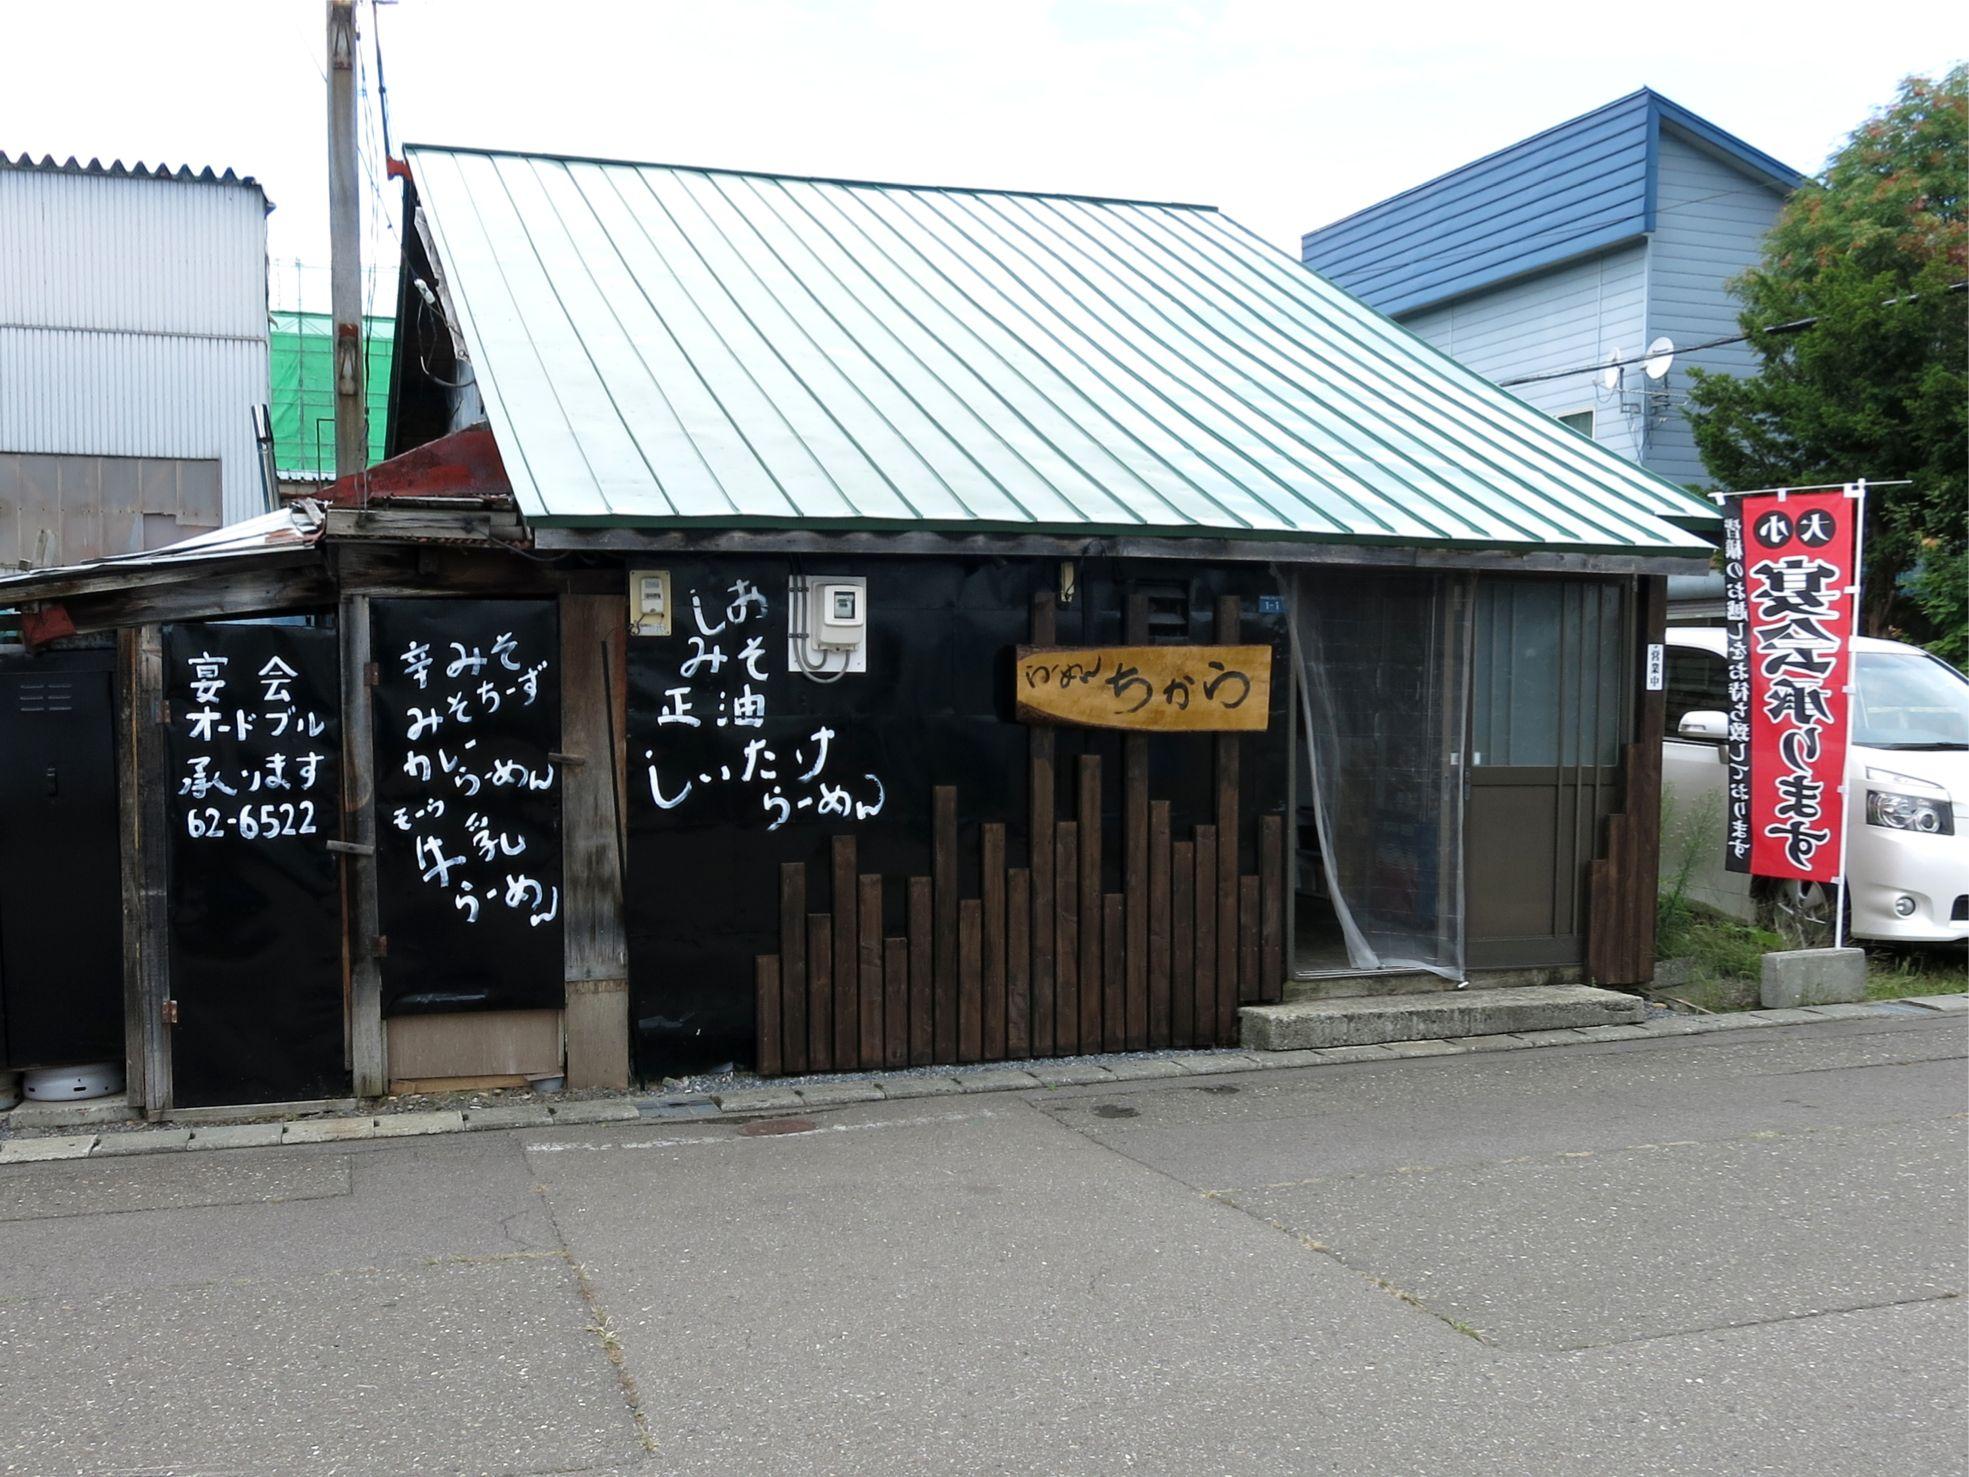 らーめん ちから 上砂川店